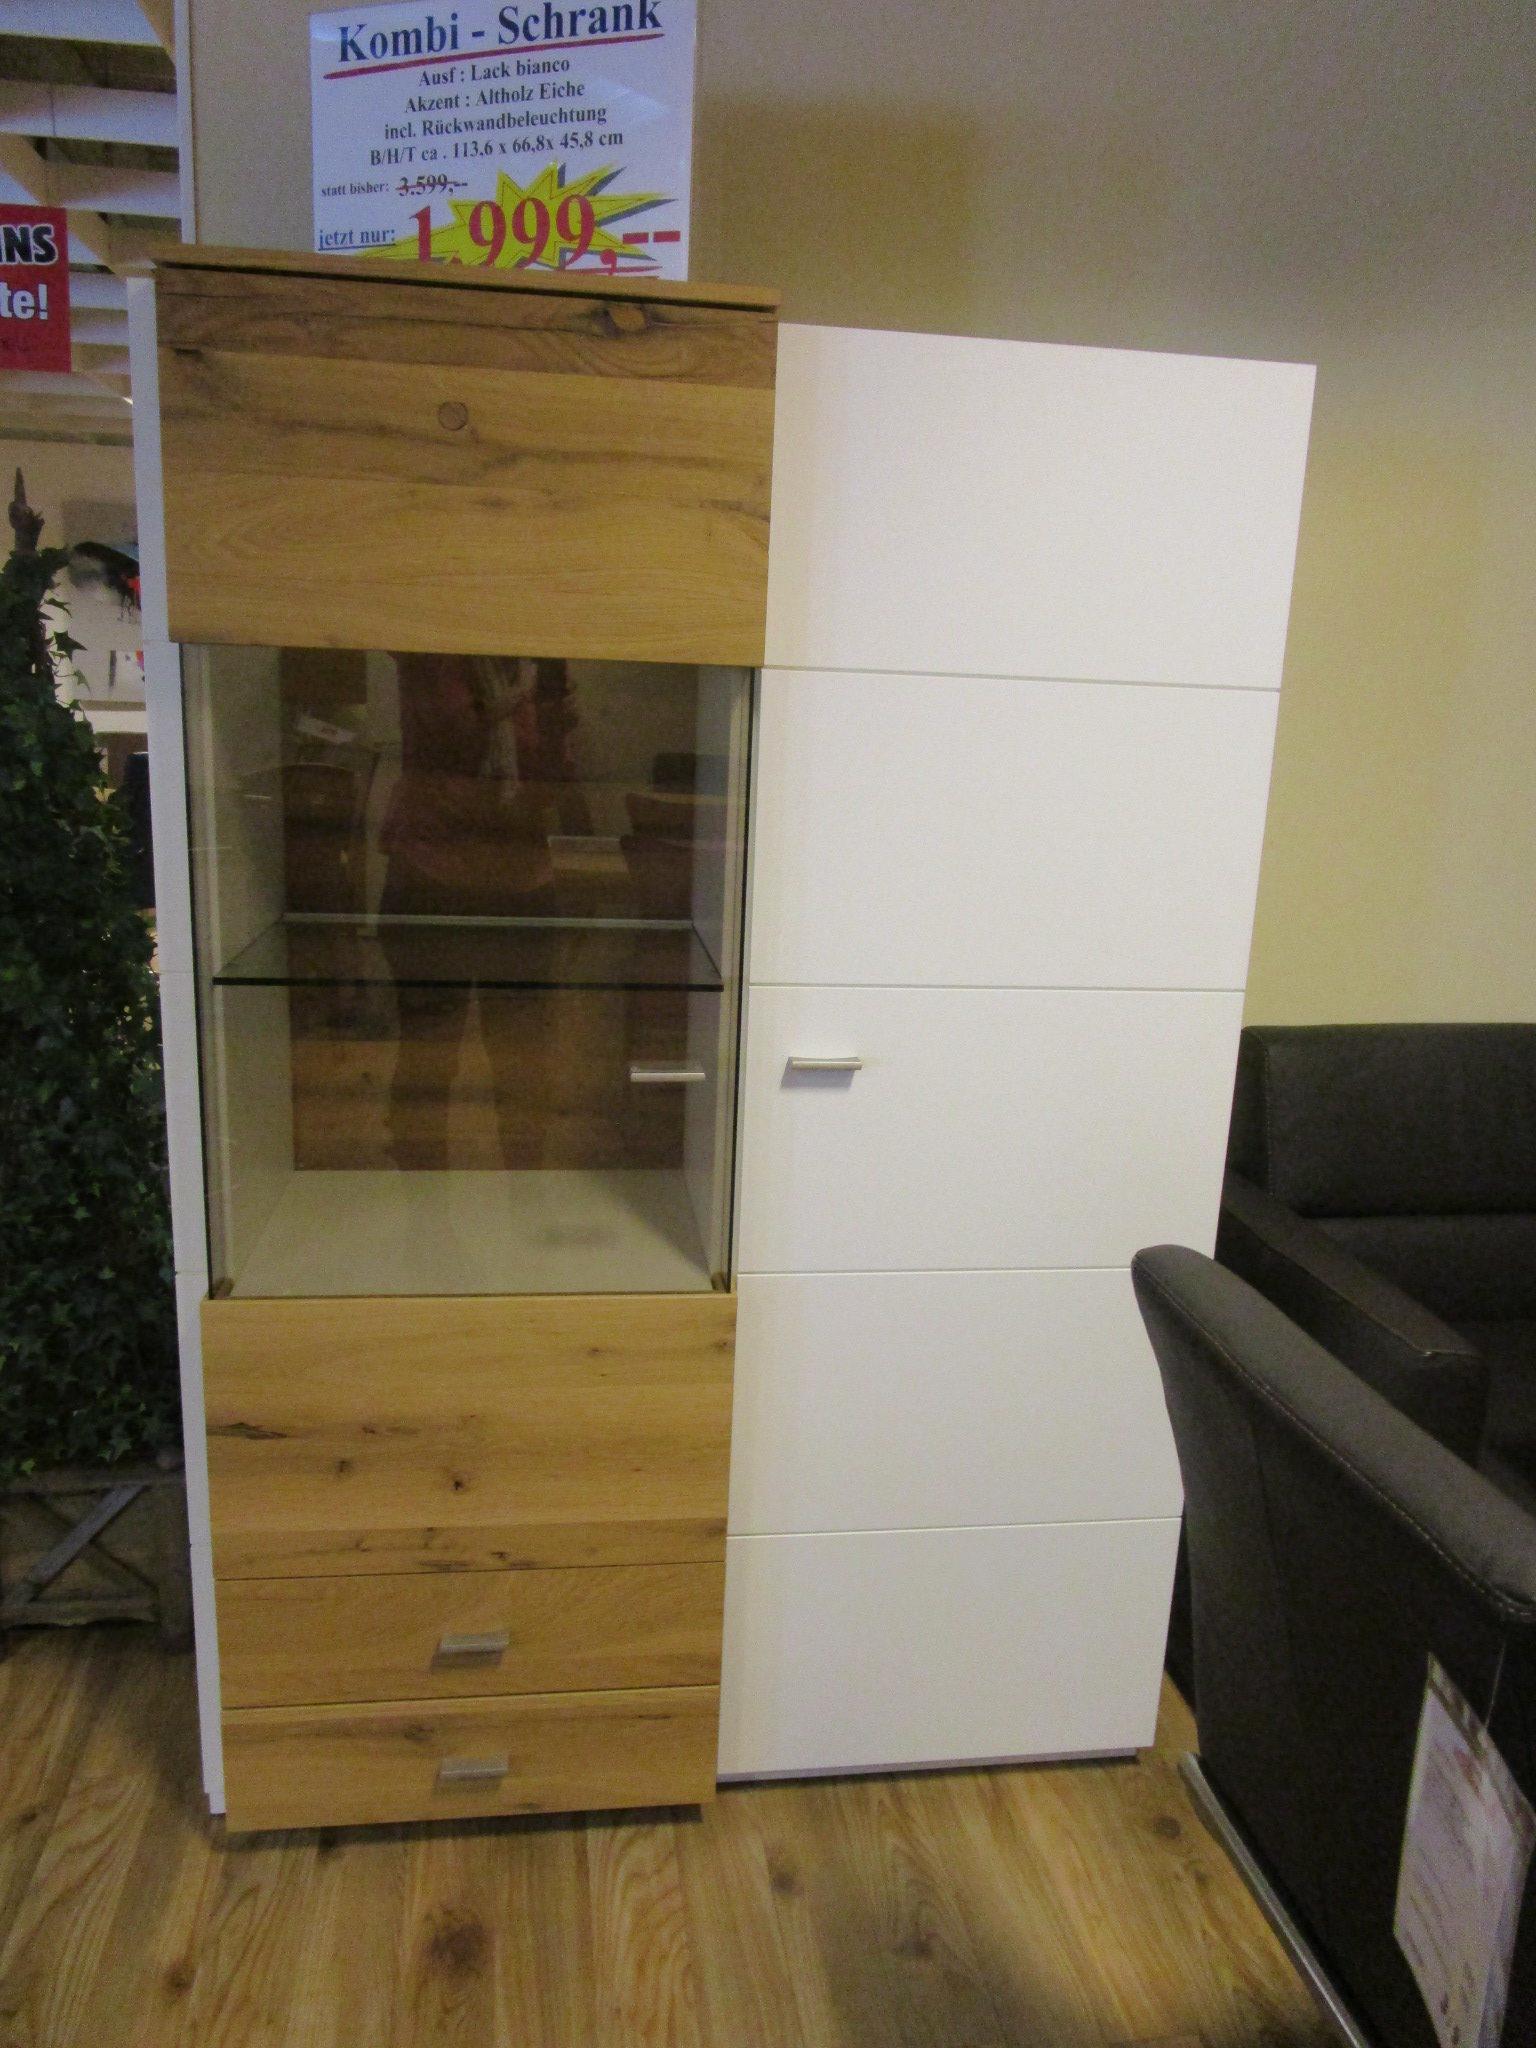 Schlafzimmer Schrank Interliving Habufa Rauch 3s Loddenkemper